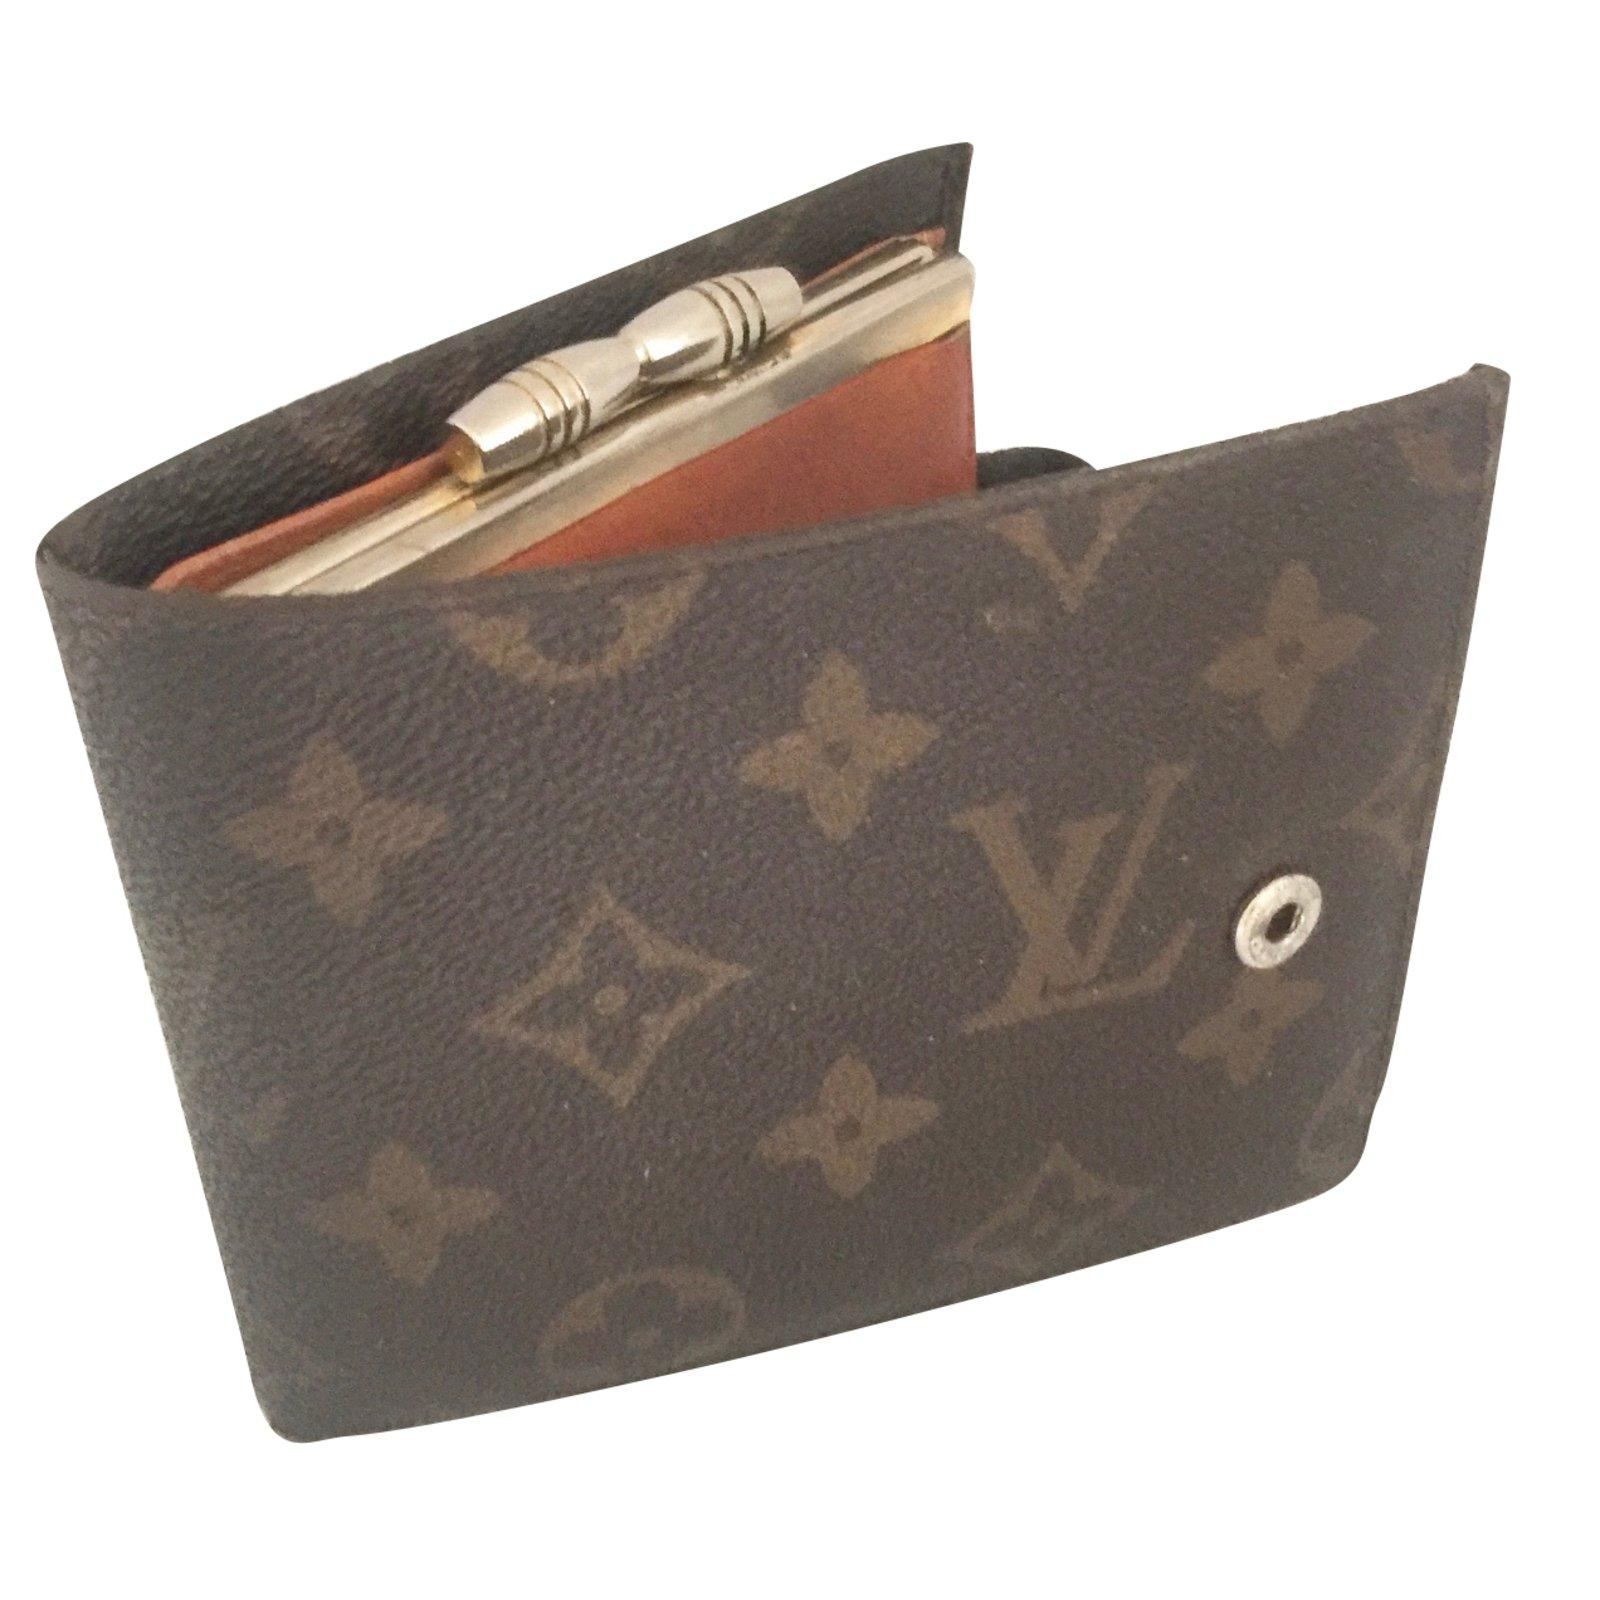 Petite maroquinerie louis vuitton porte monnaie synth tique marron fonc joli closet - Porte monnaie louis vuitton homme ...